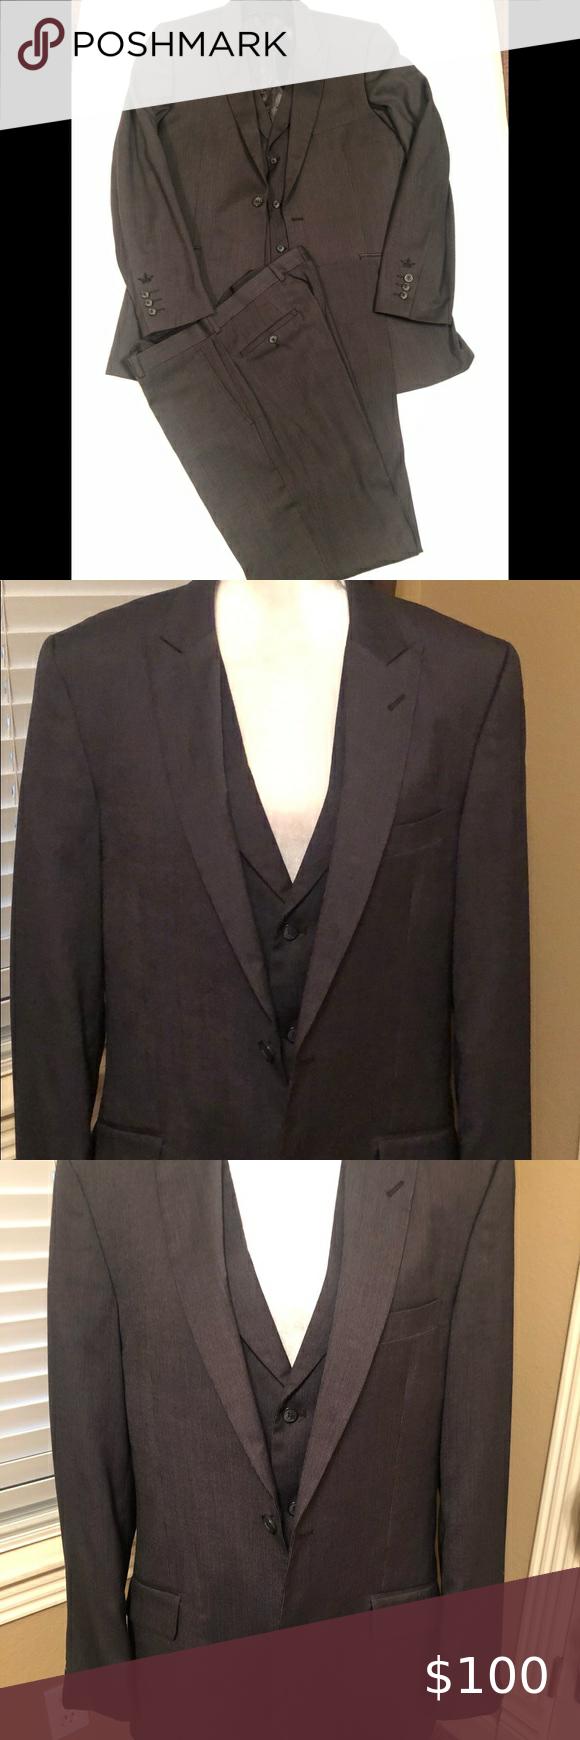 Men S English Laundry 3 Piece Suit Smokin Deal 3 Piece Suits Clothes Design Fashion [ 1740 x 580 Pixel ]